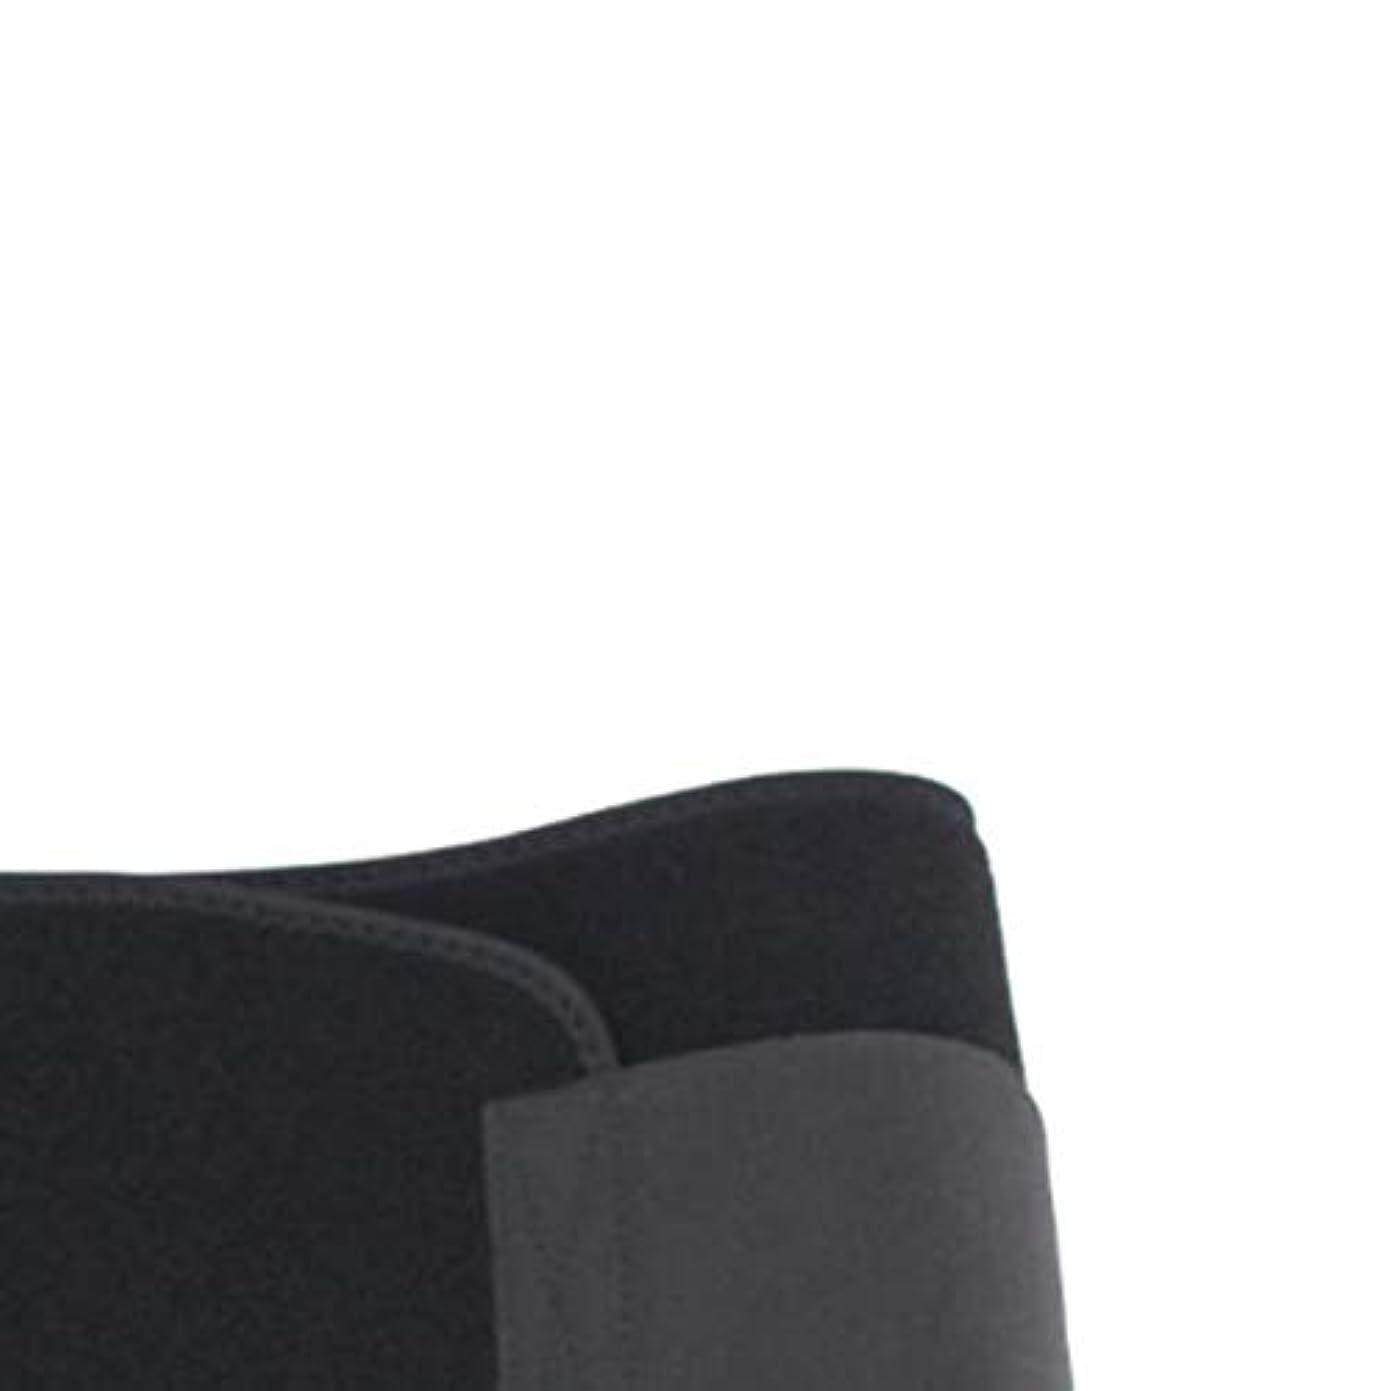 豆クレア広告主男性女性ウエストおなかスポーツボディシェイパーバンドベルトラップファットバーンスリミングエクササイズ用品ボディシェイピング(黒)